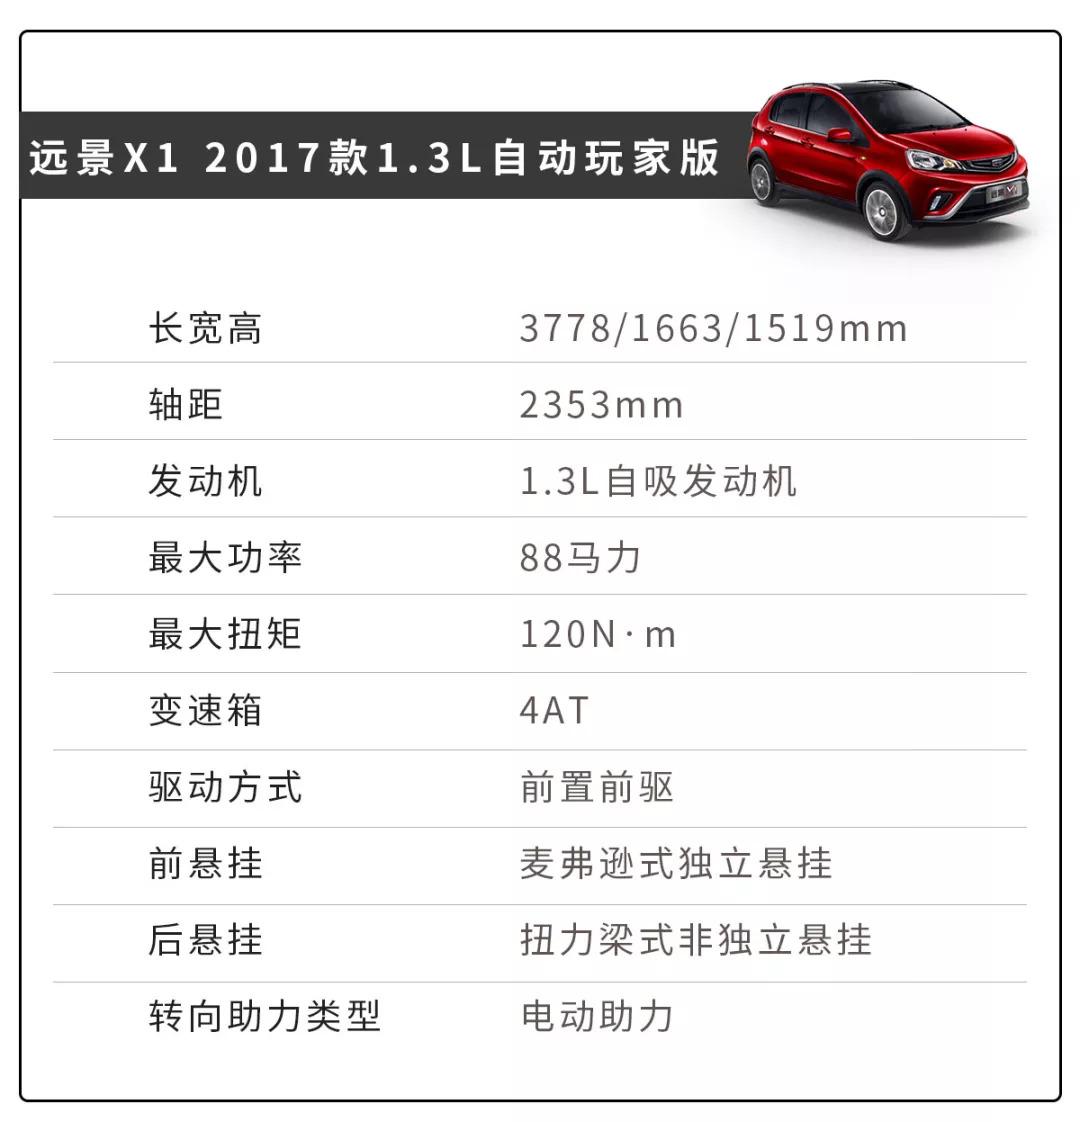 大厂出品、5.79万买顶配,还是自动挡!这台SUV到底能不能买?